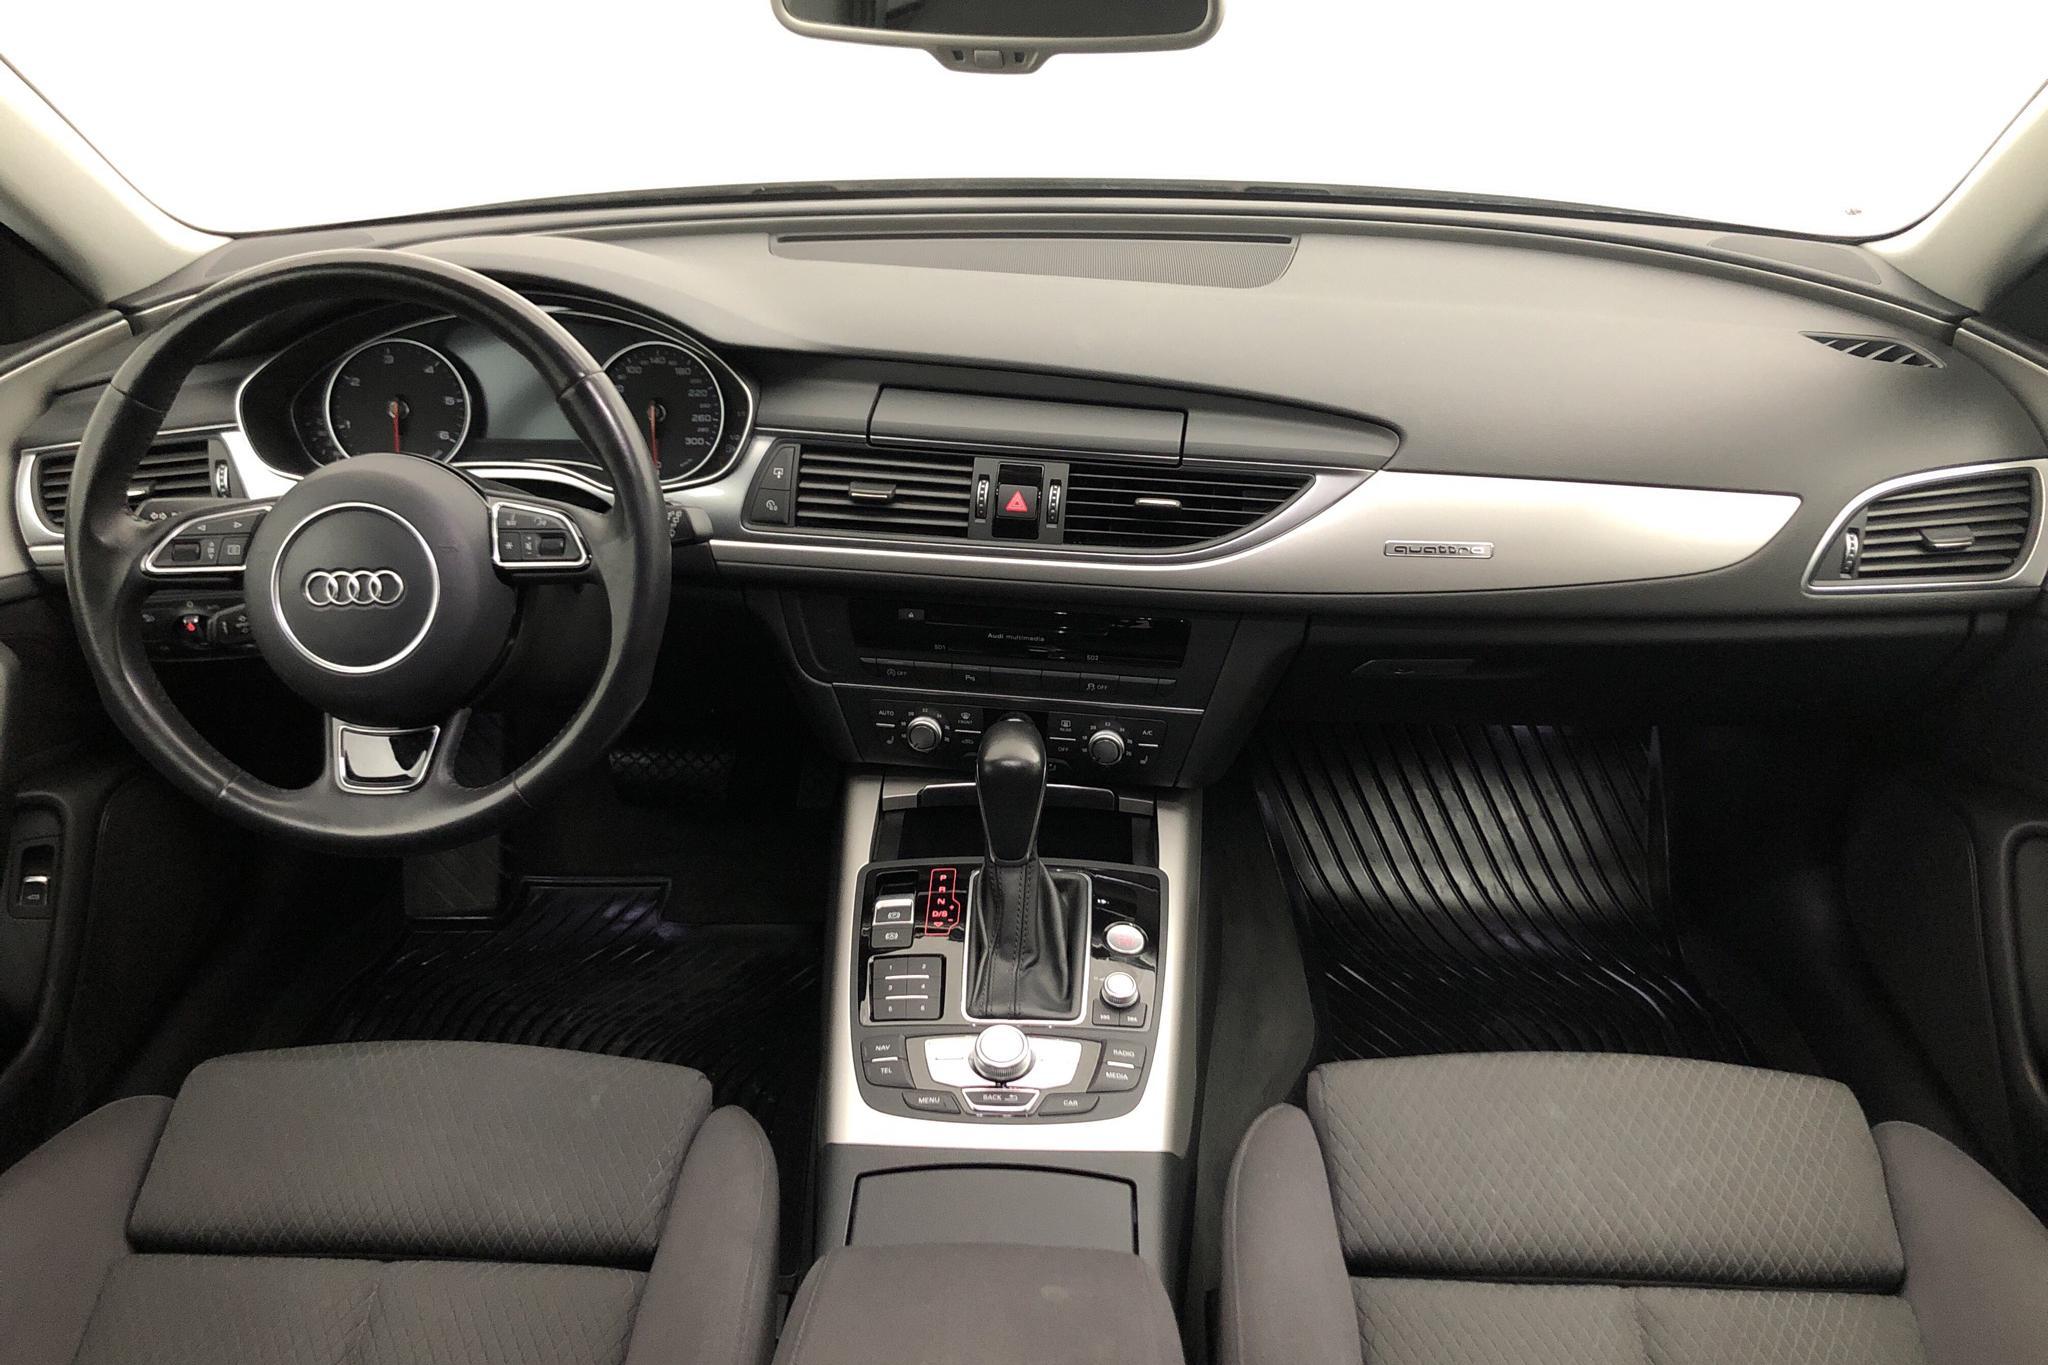 Audi A6 2.0 TDI Avant quattro (190hk) - 7 993 mil - Automat - vit - 2017